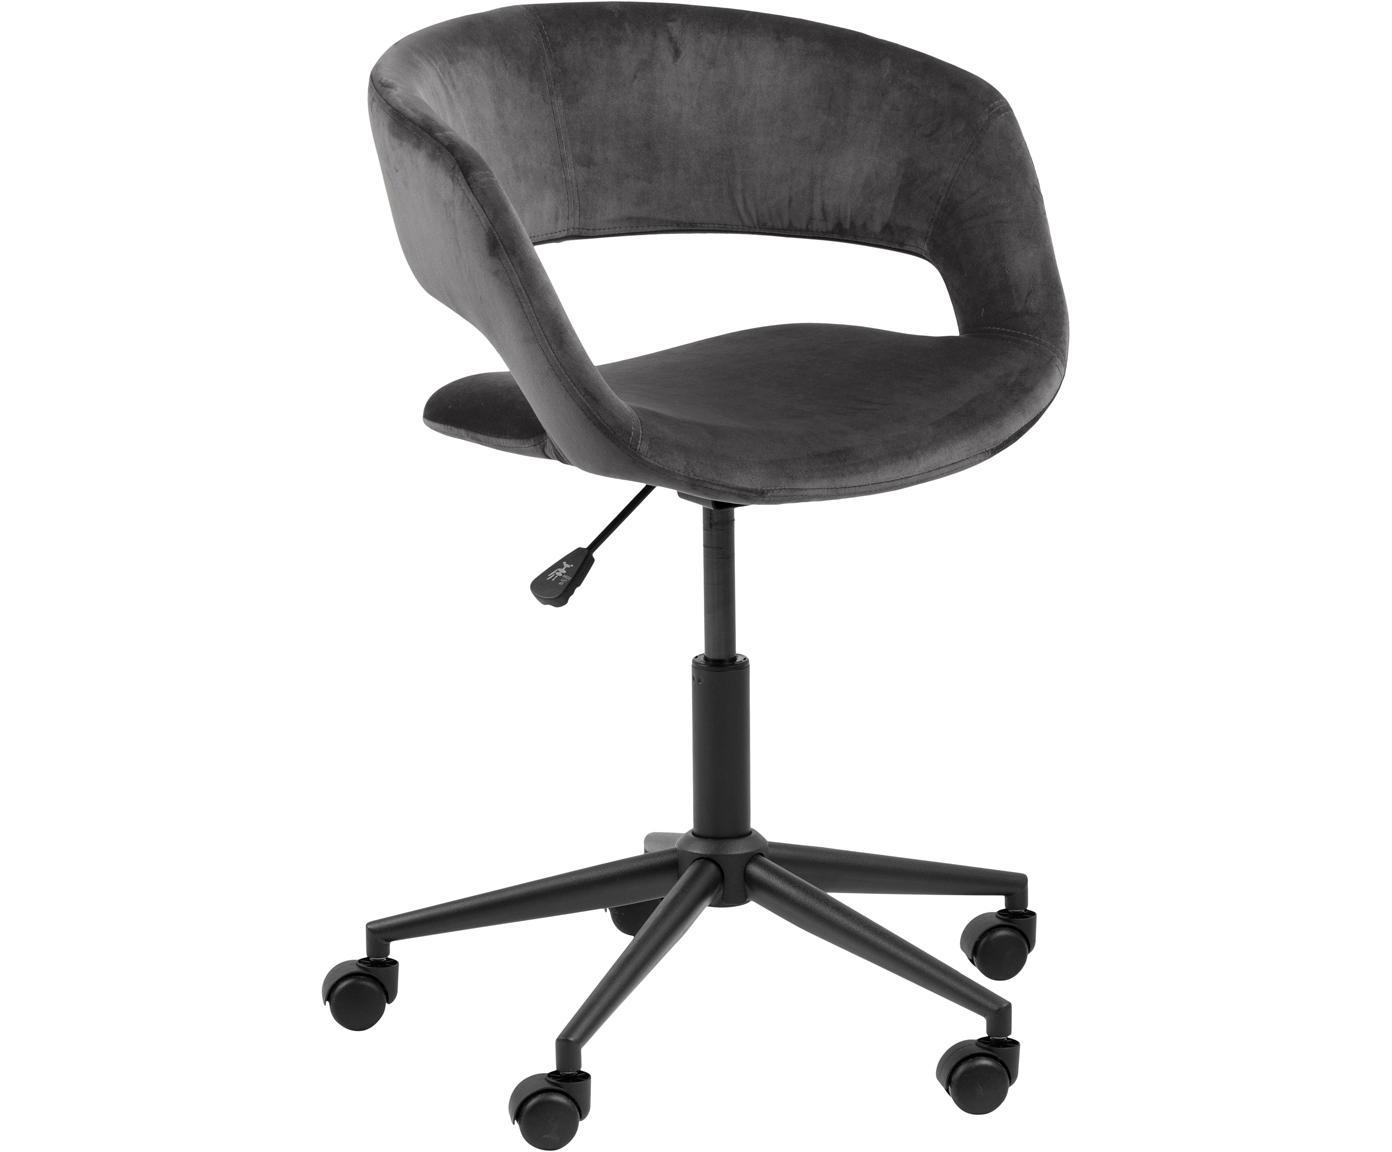 Biurowe krzesło obrotowe z aksamitu Grace, Tapicerka: poliester 25000 cykli w , Stelaż: metal malowany proszkowo, Aksamit ciemny szary, S 56 x G 54 cm